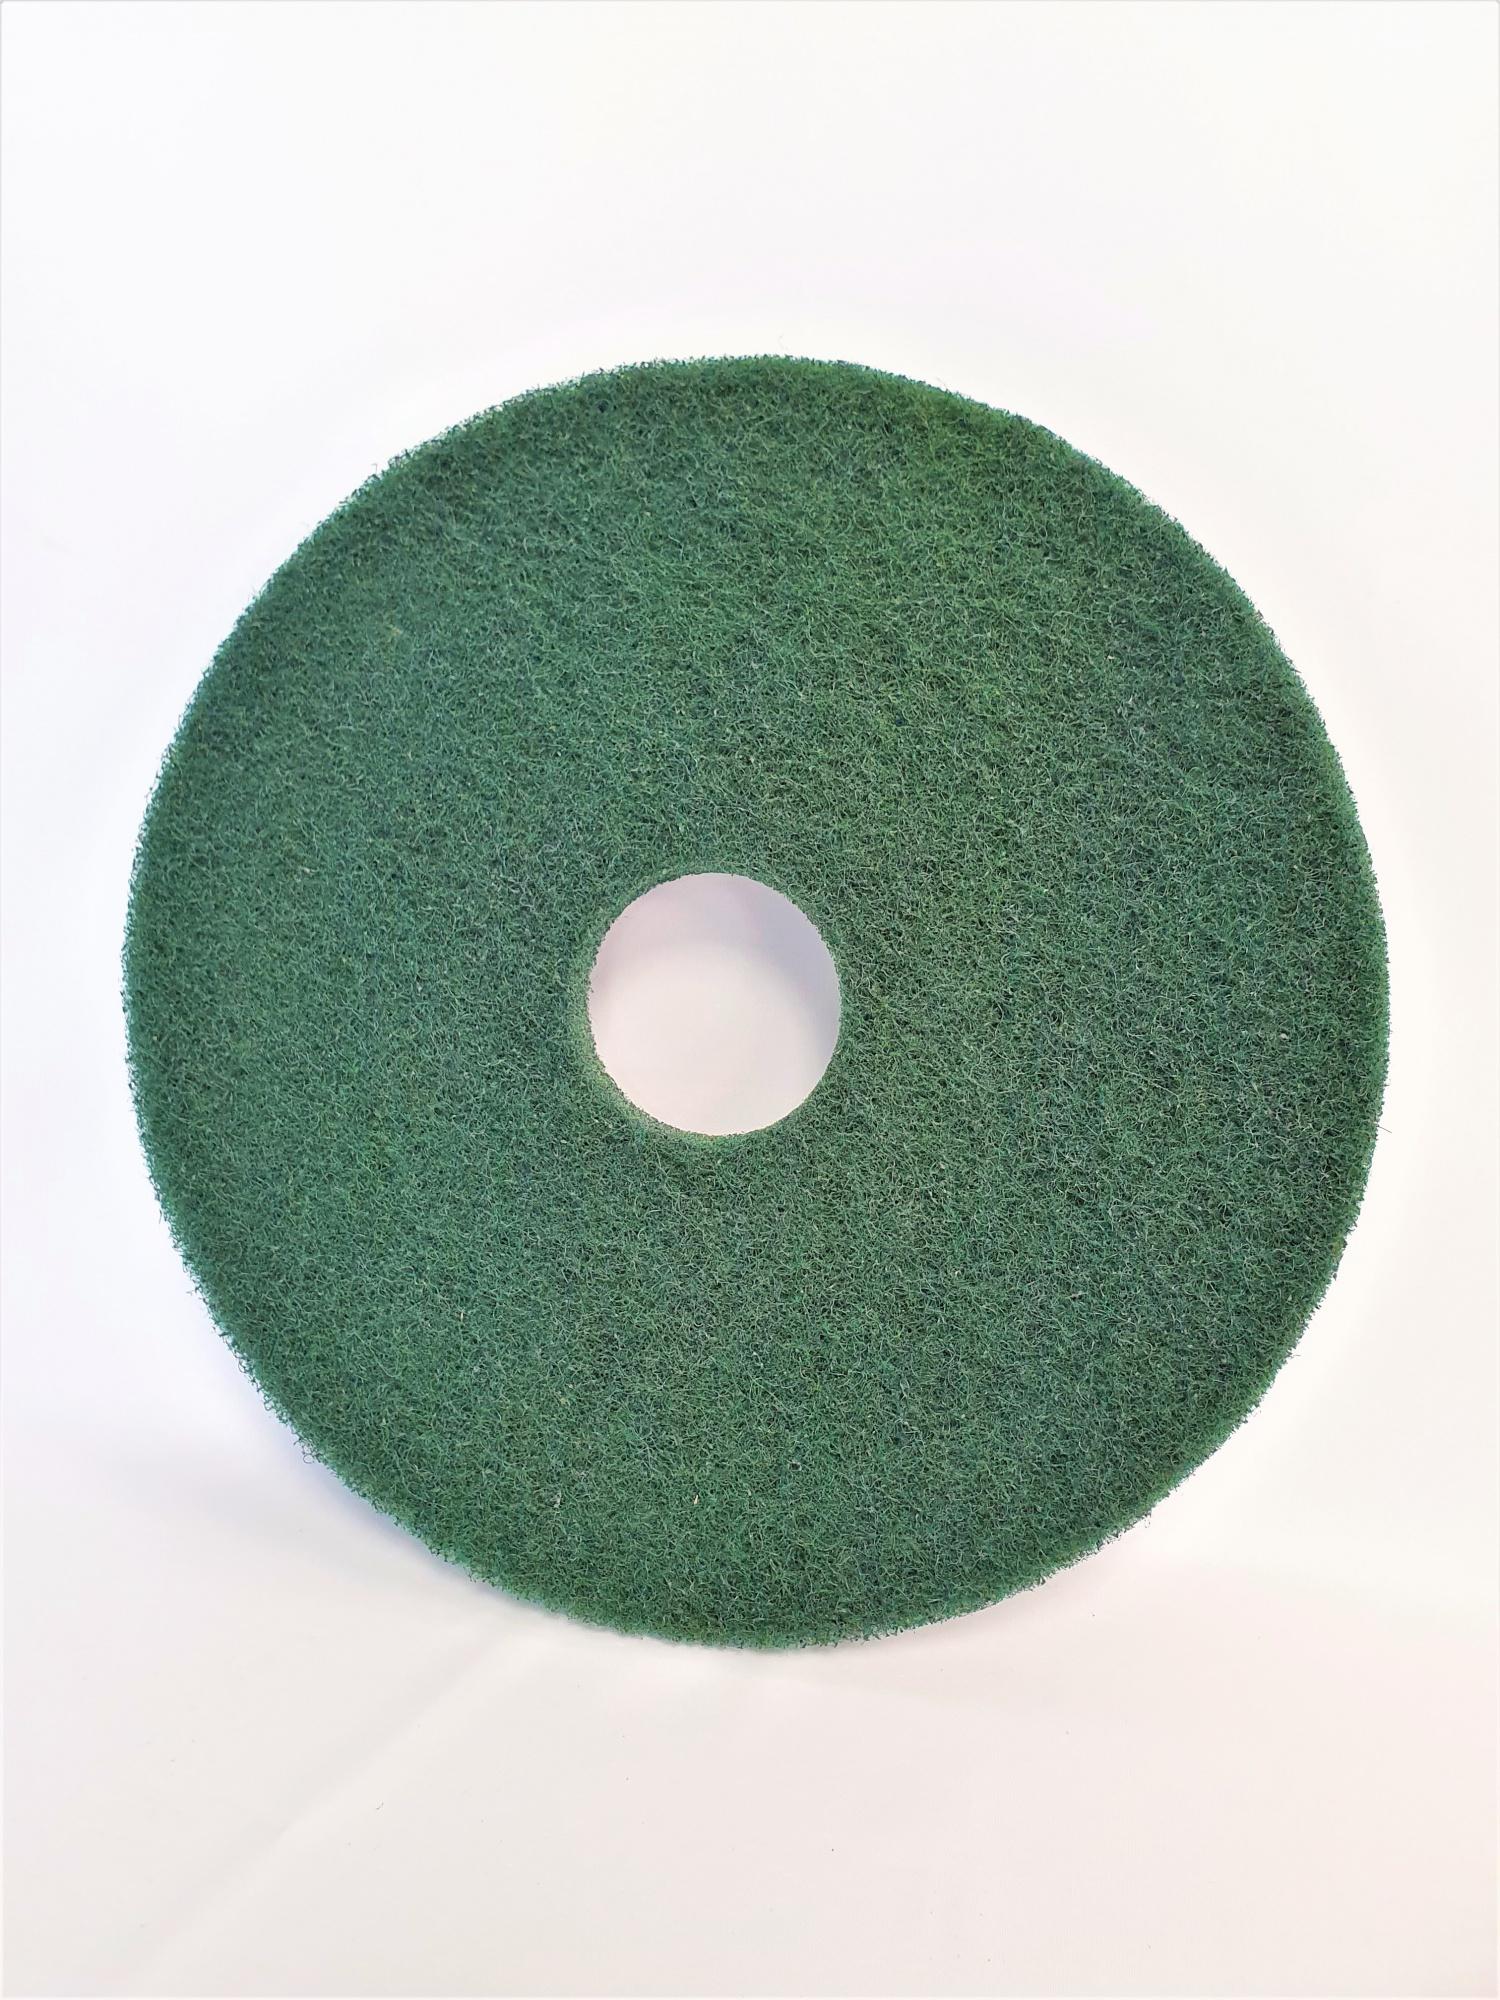 Disques verts 381 mm pour Autolaveuse RCM BIS